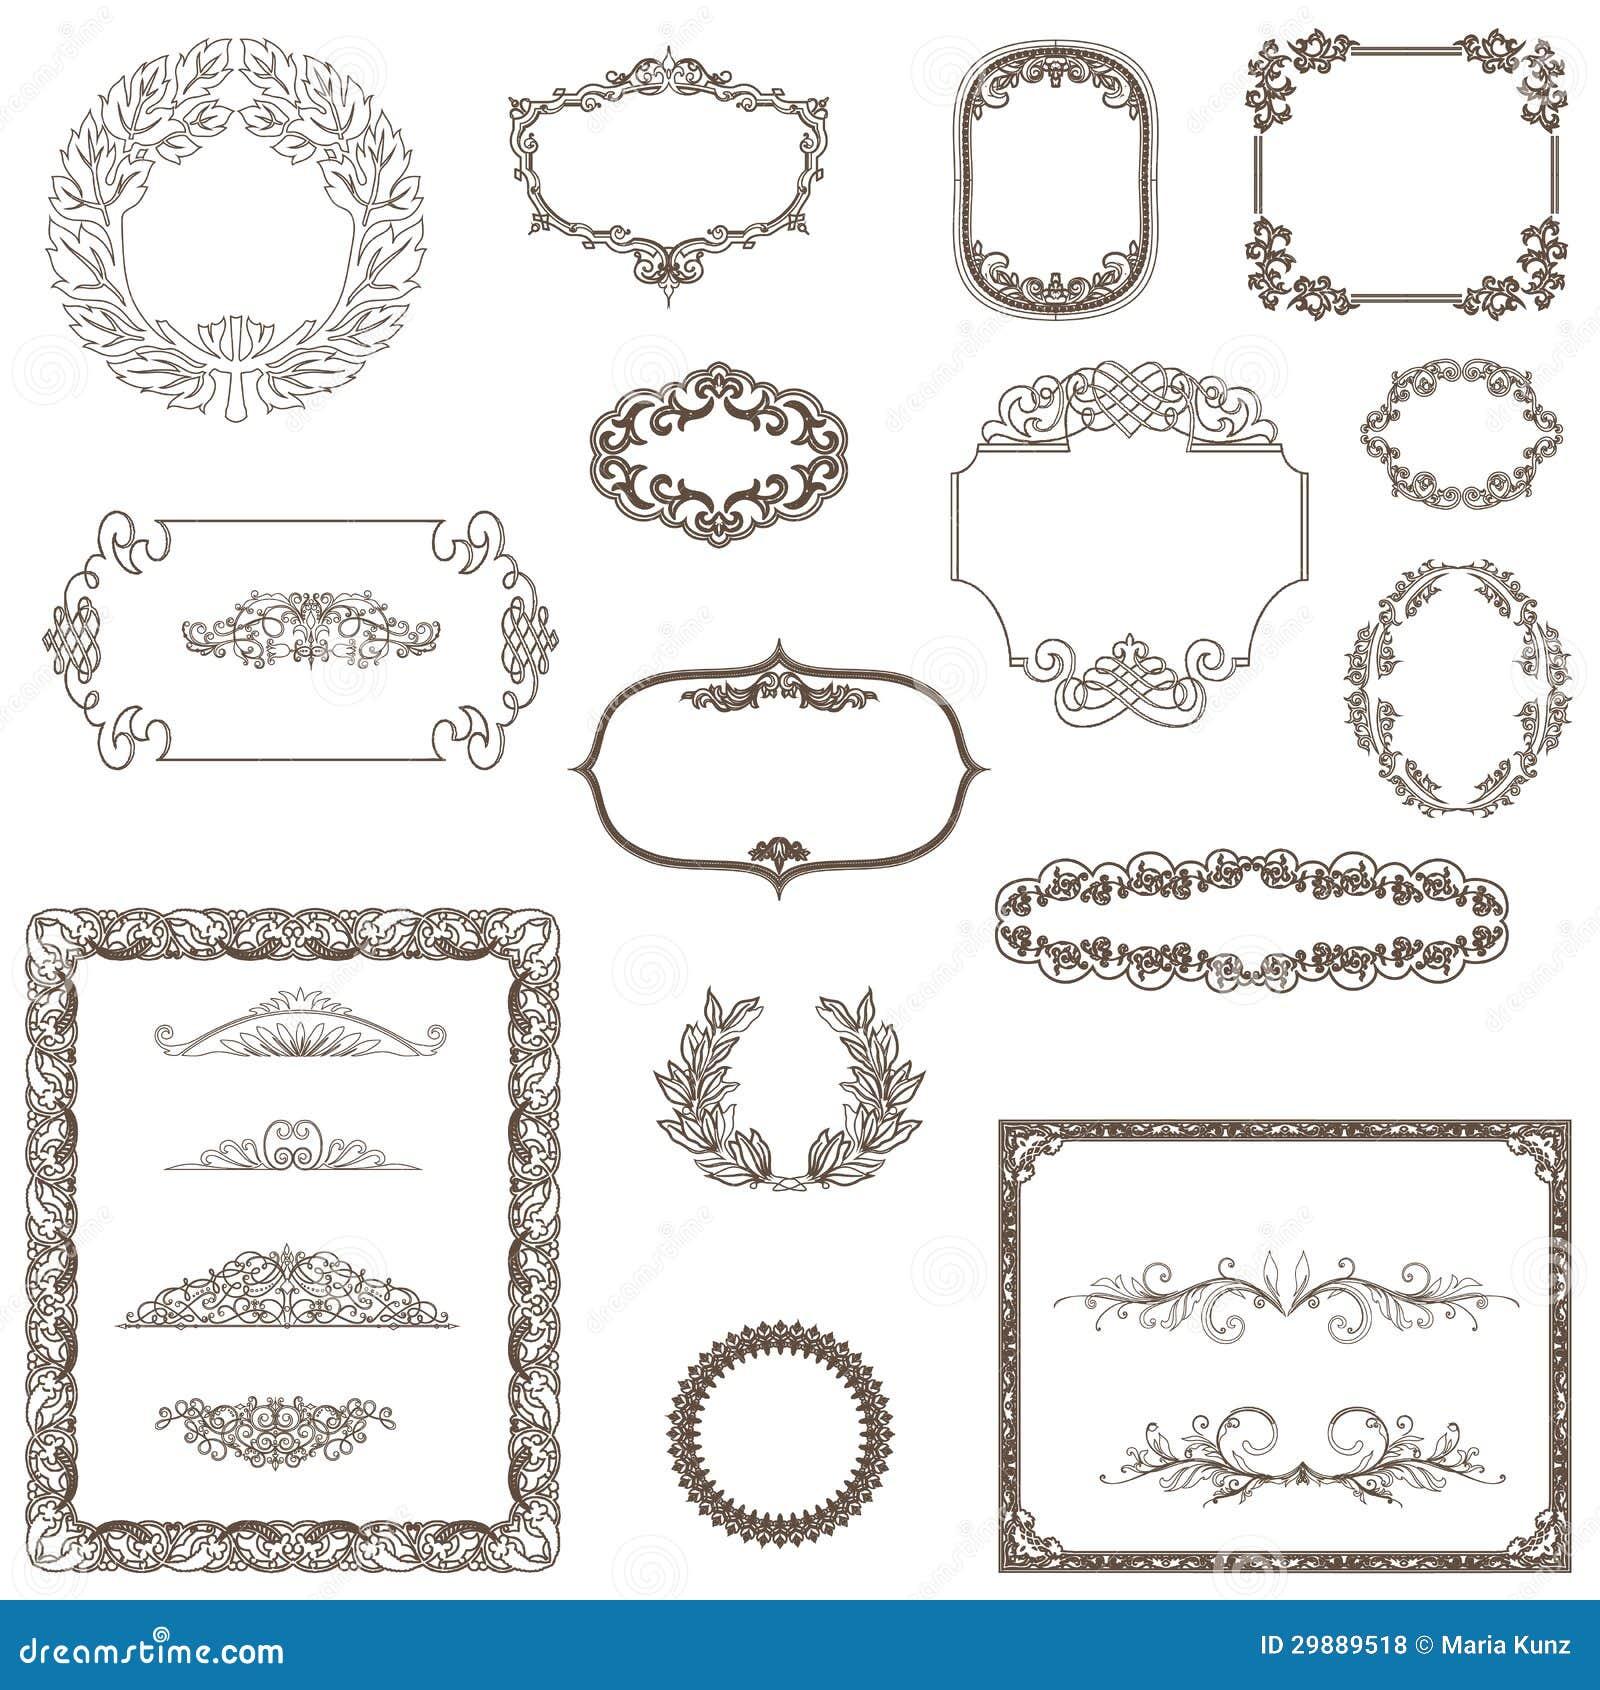 Uitstekend kader ornament en element voor decoratie en ontwerp stock illustratie afbeelding - Decoratie ontwerp kantoor ontwerp ...